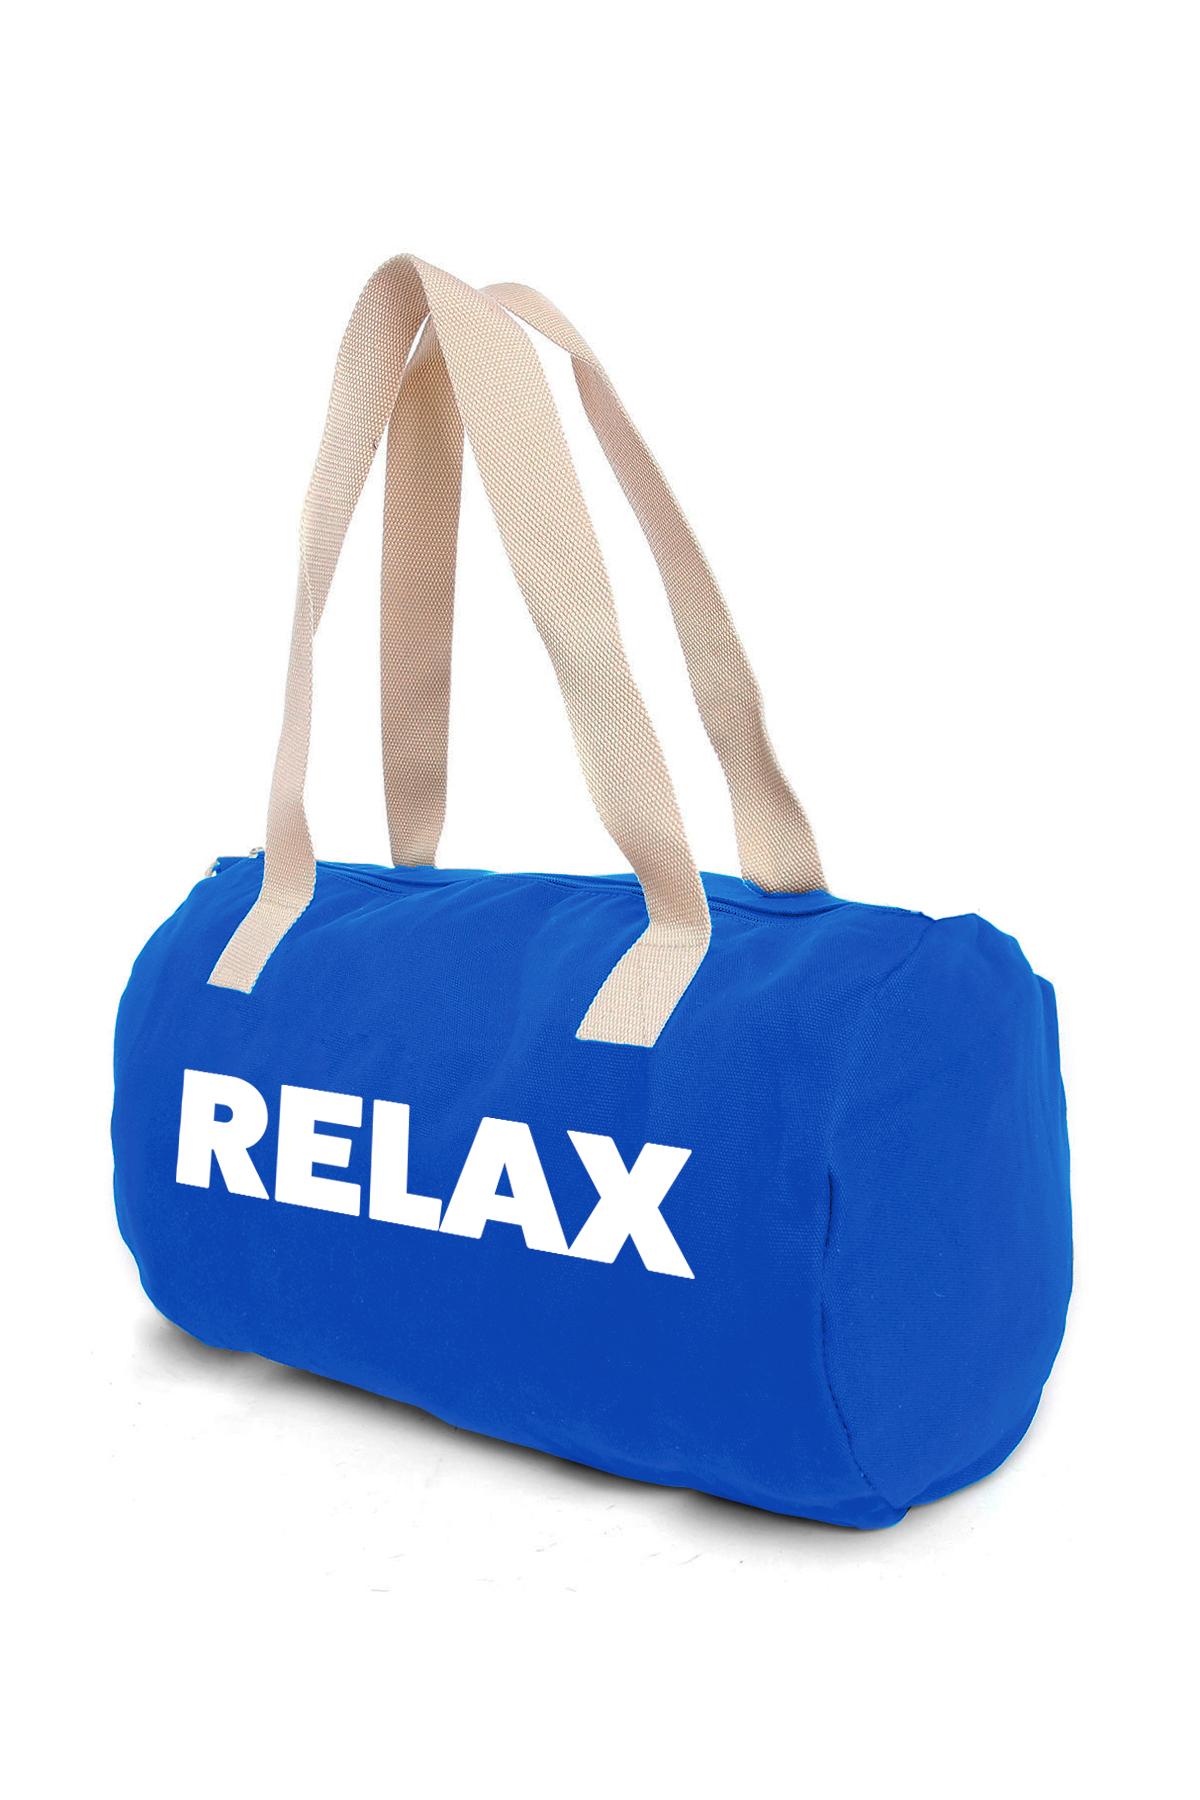 Photo de SACS Duffle Bag RELAX chez French Disorder